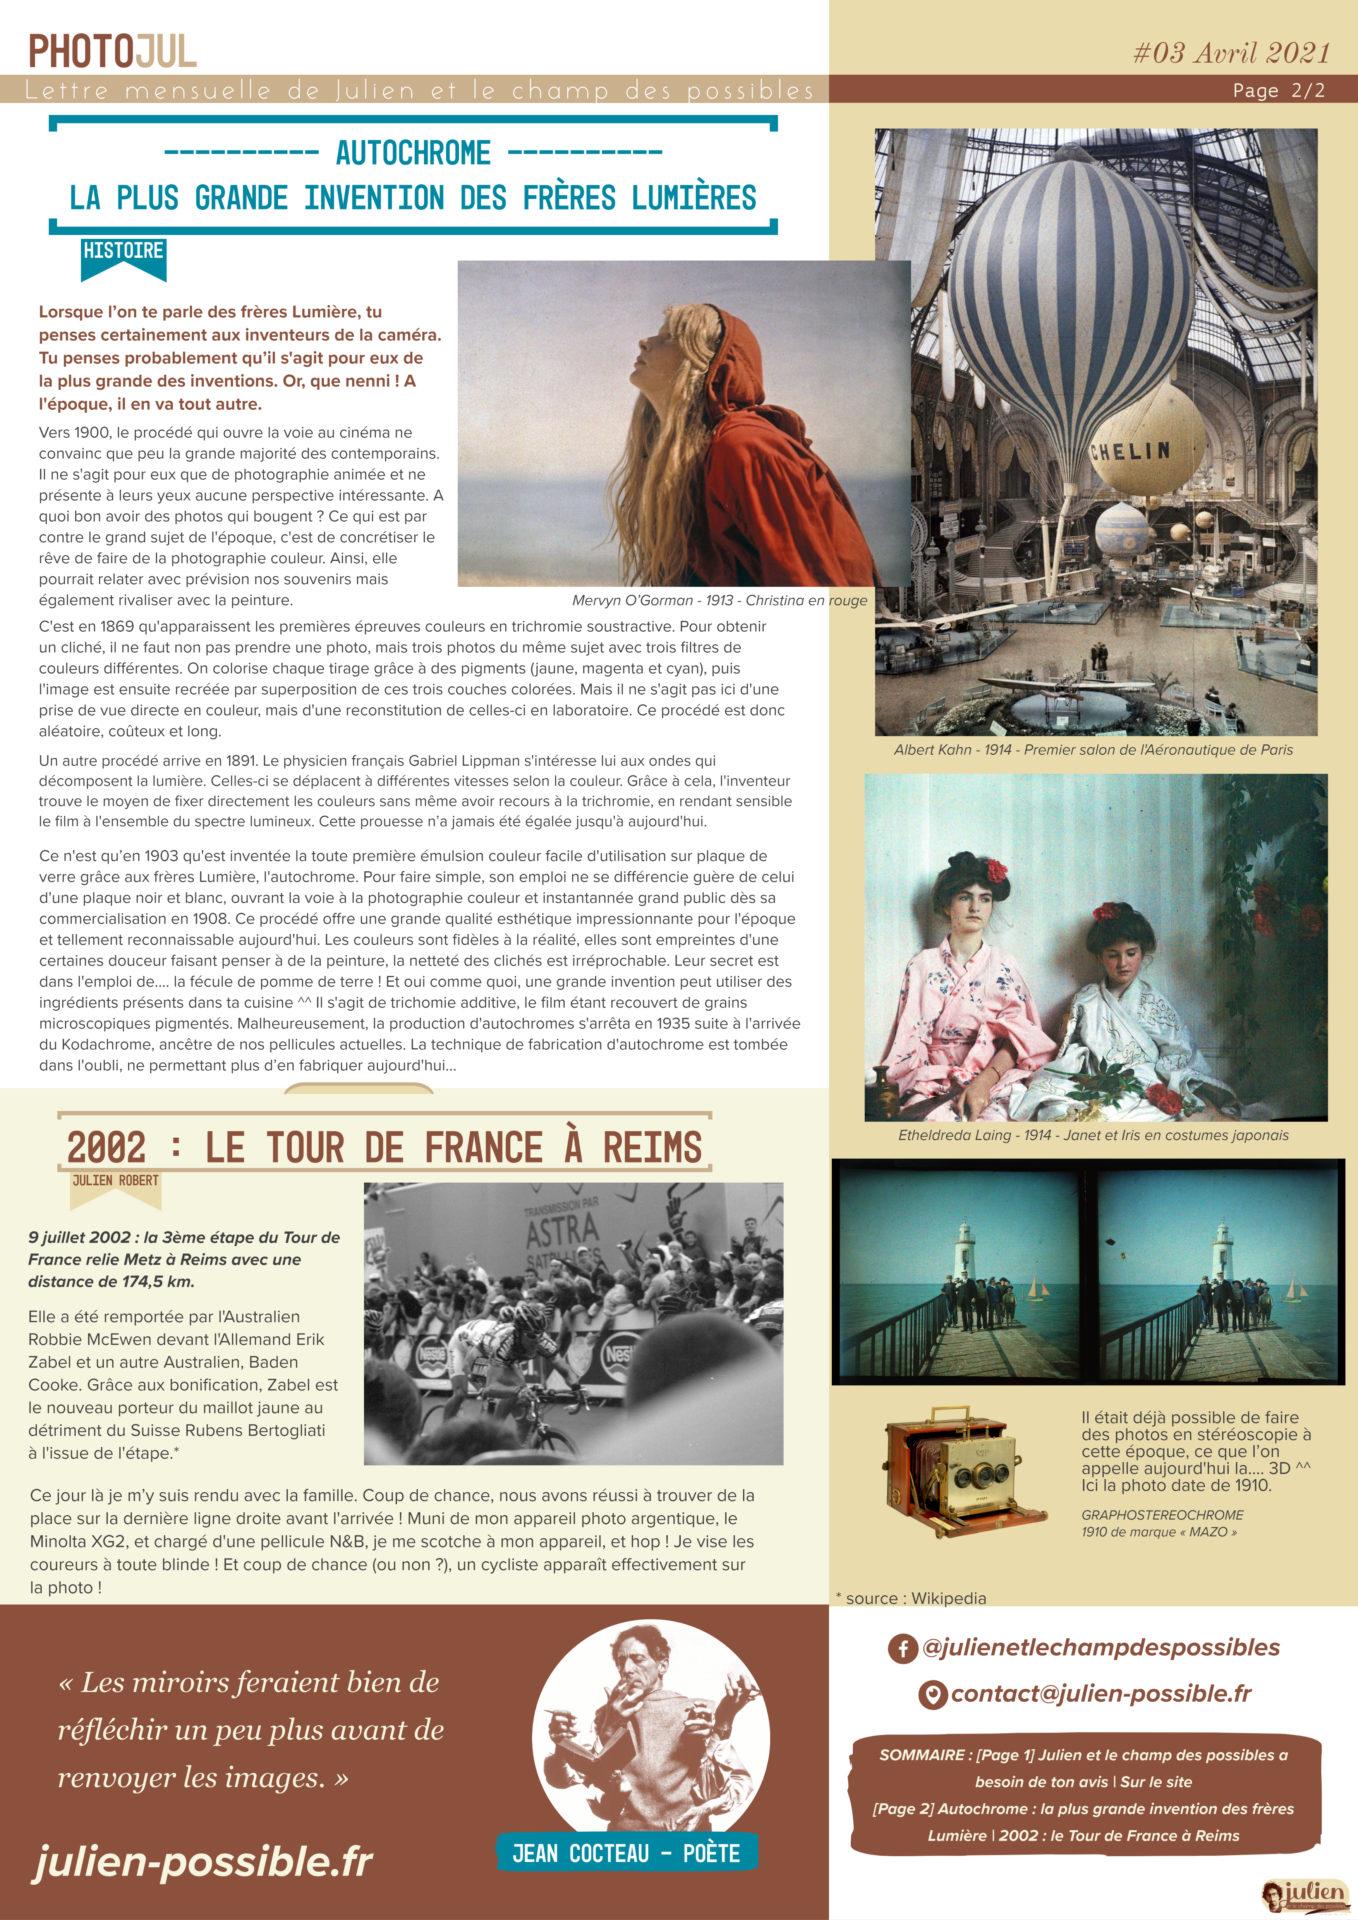 Photojul #03, avril 2021, lettre mensuelle de Julien et le champ des possible, rédacteur Julien Robert, photographe de Châlons-en-Champagne, page 2/2